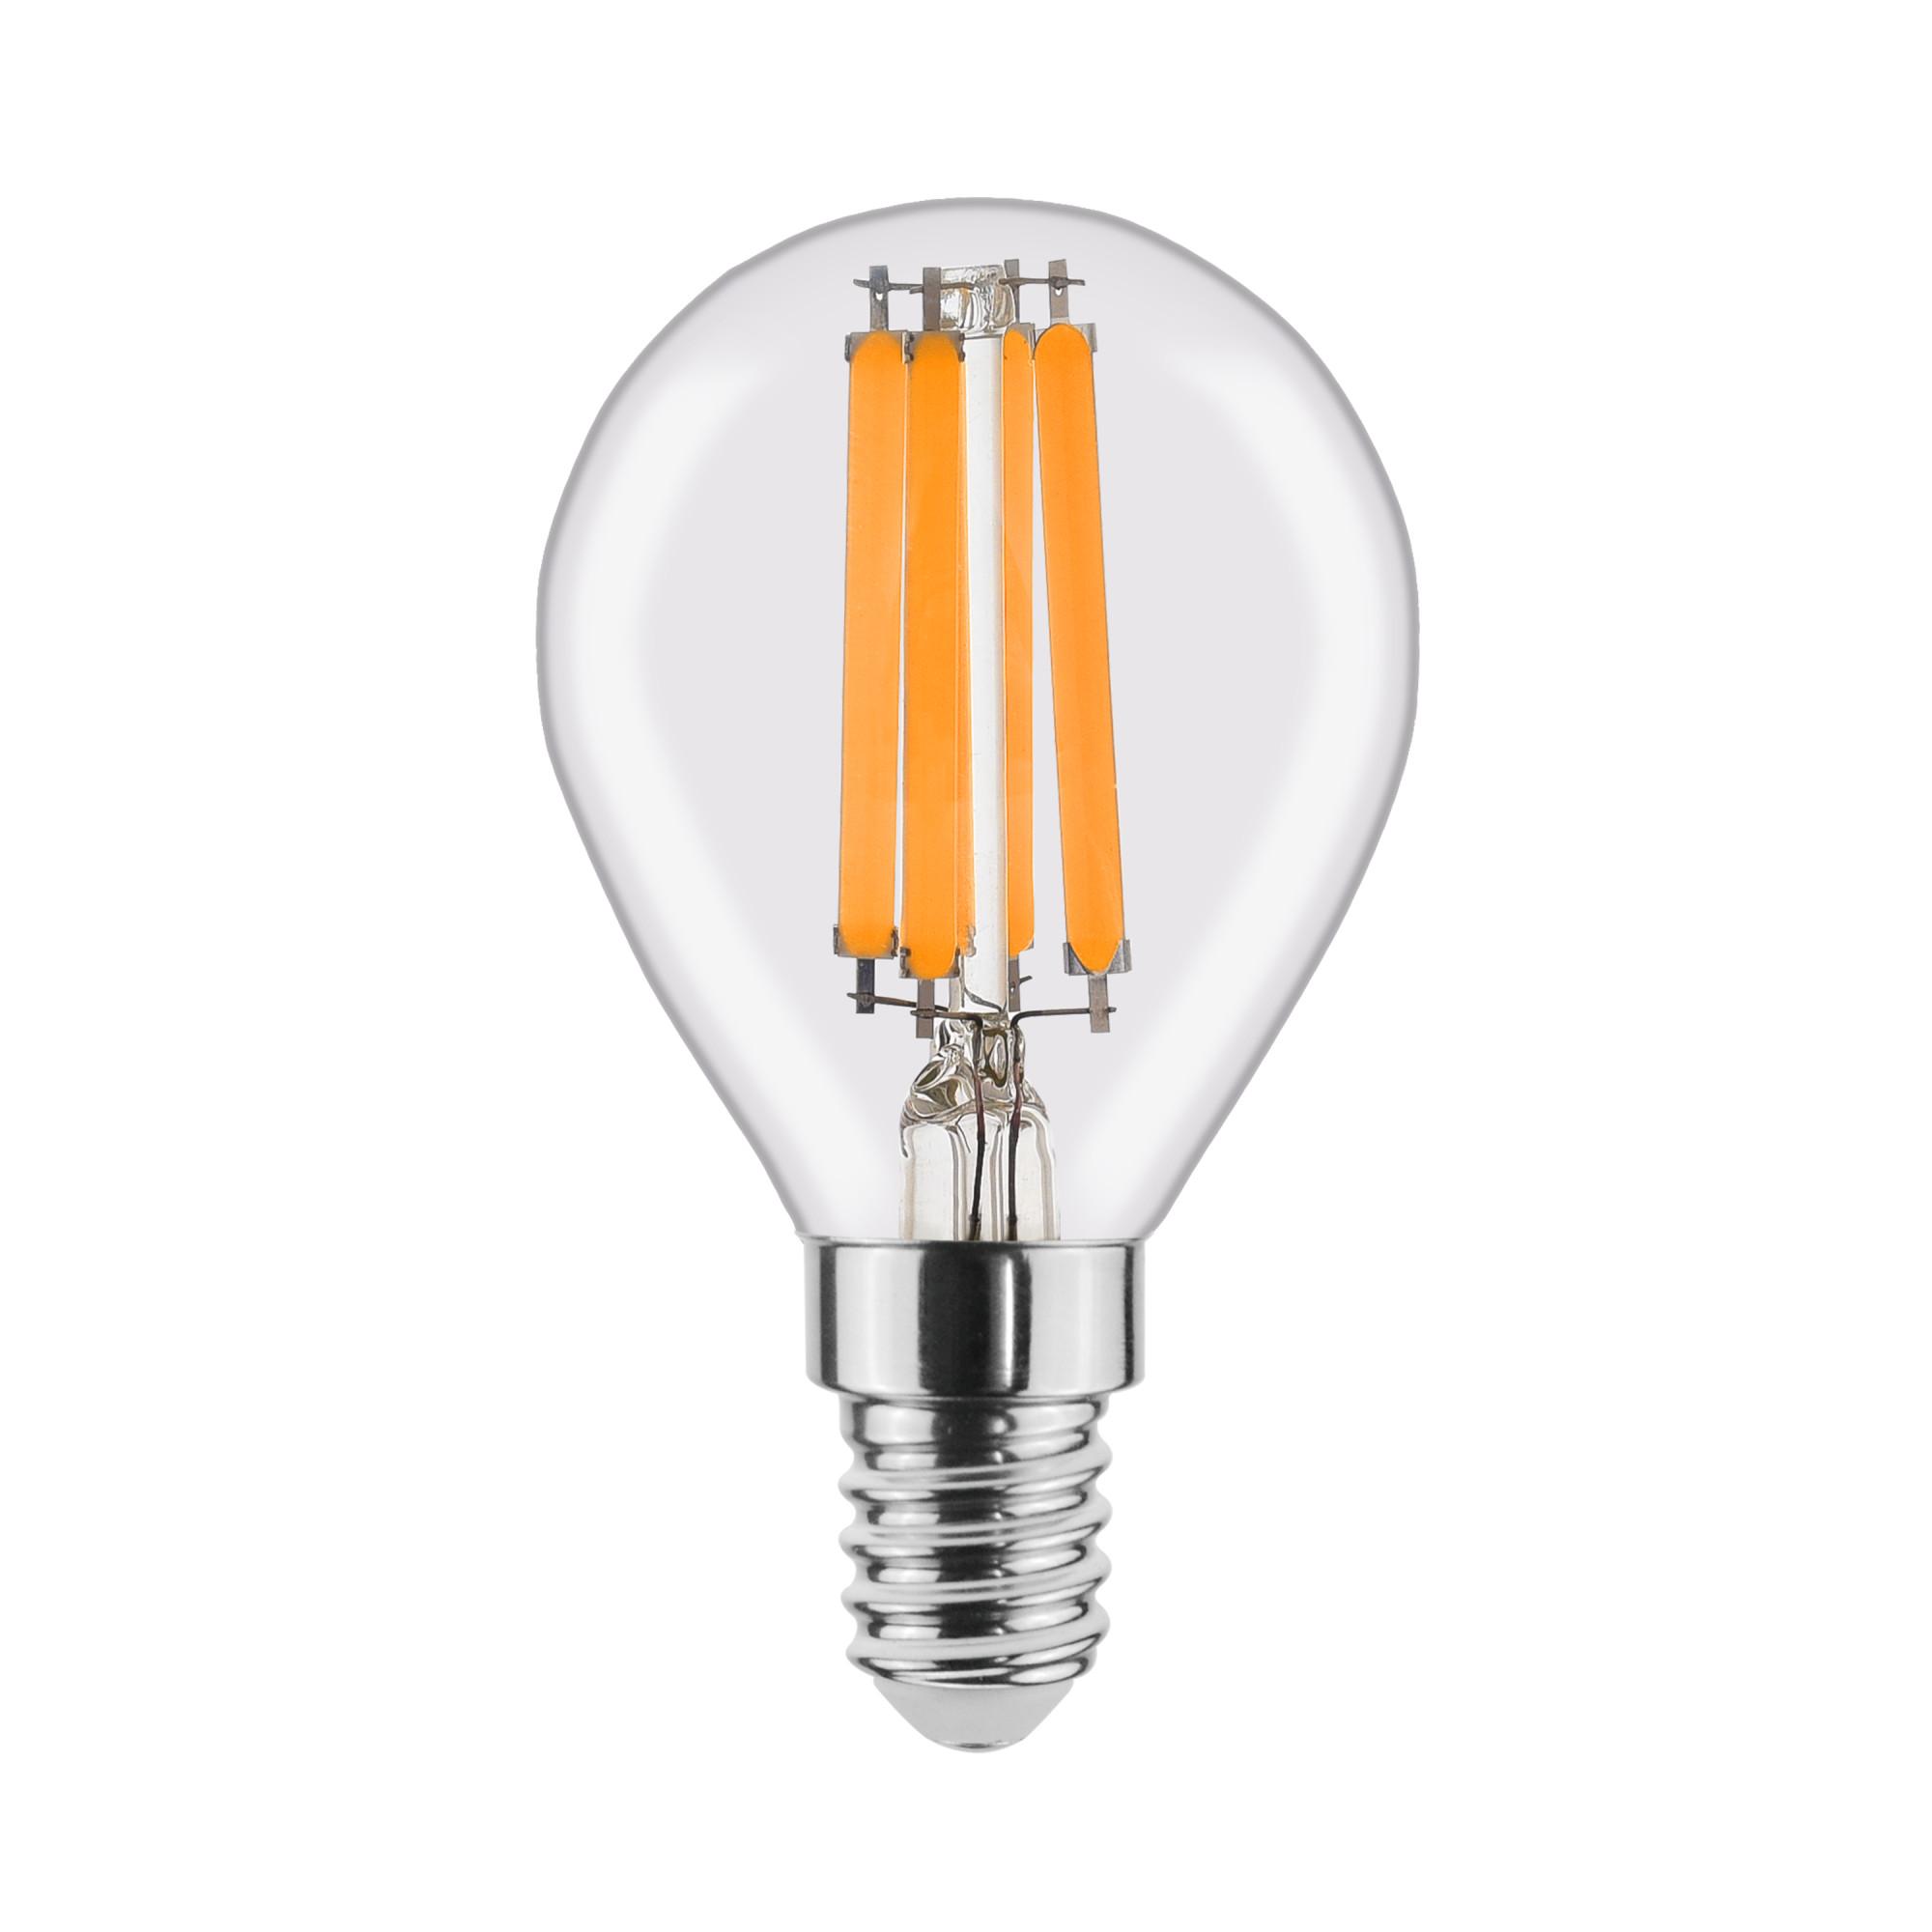 Лампа светодиодная филаментная Lexman E14 220 В 6 Вт шар прозрачный 806 лм белый свет